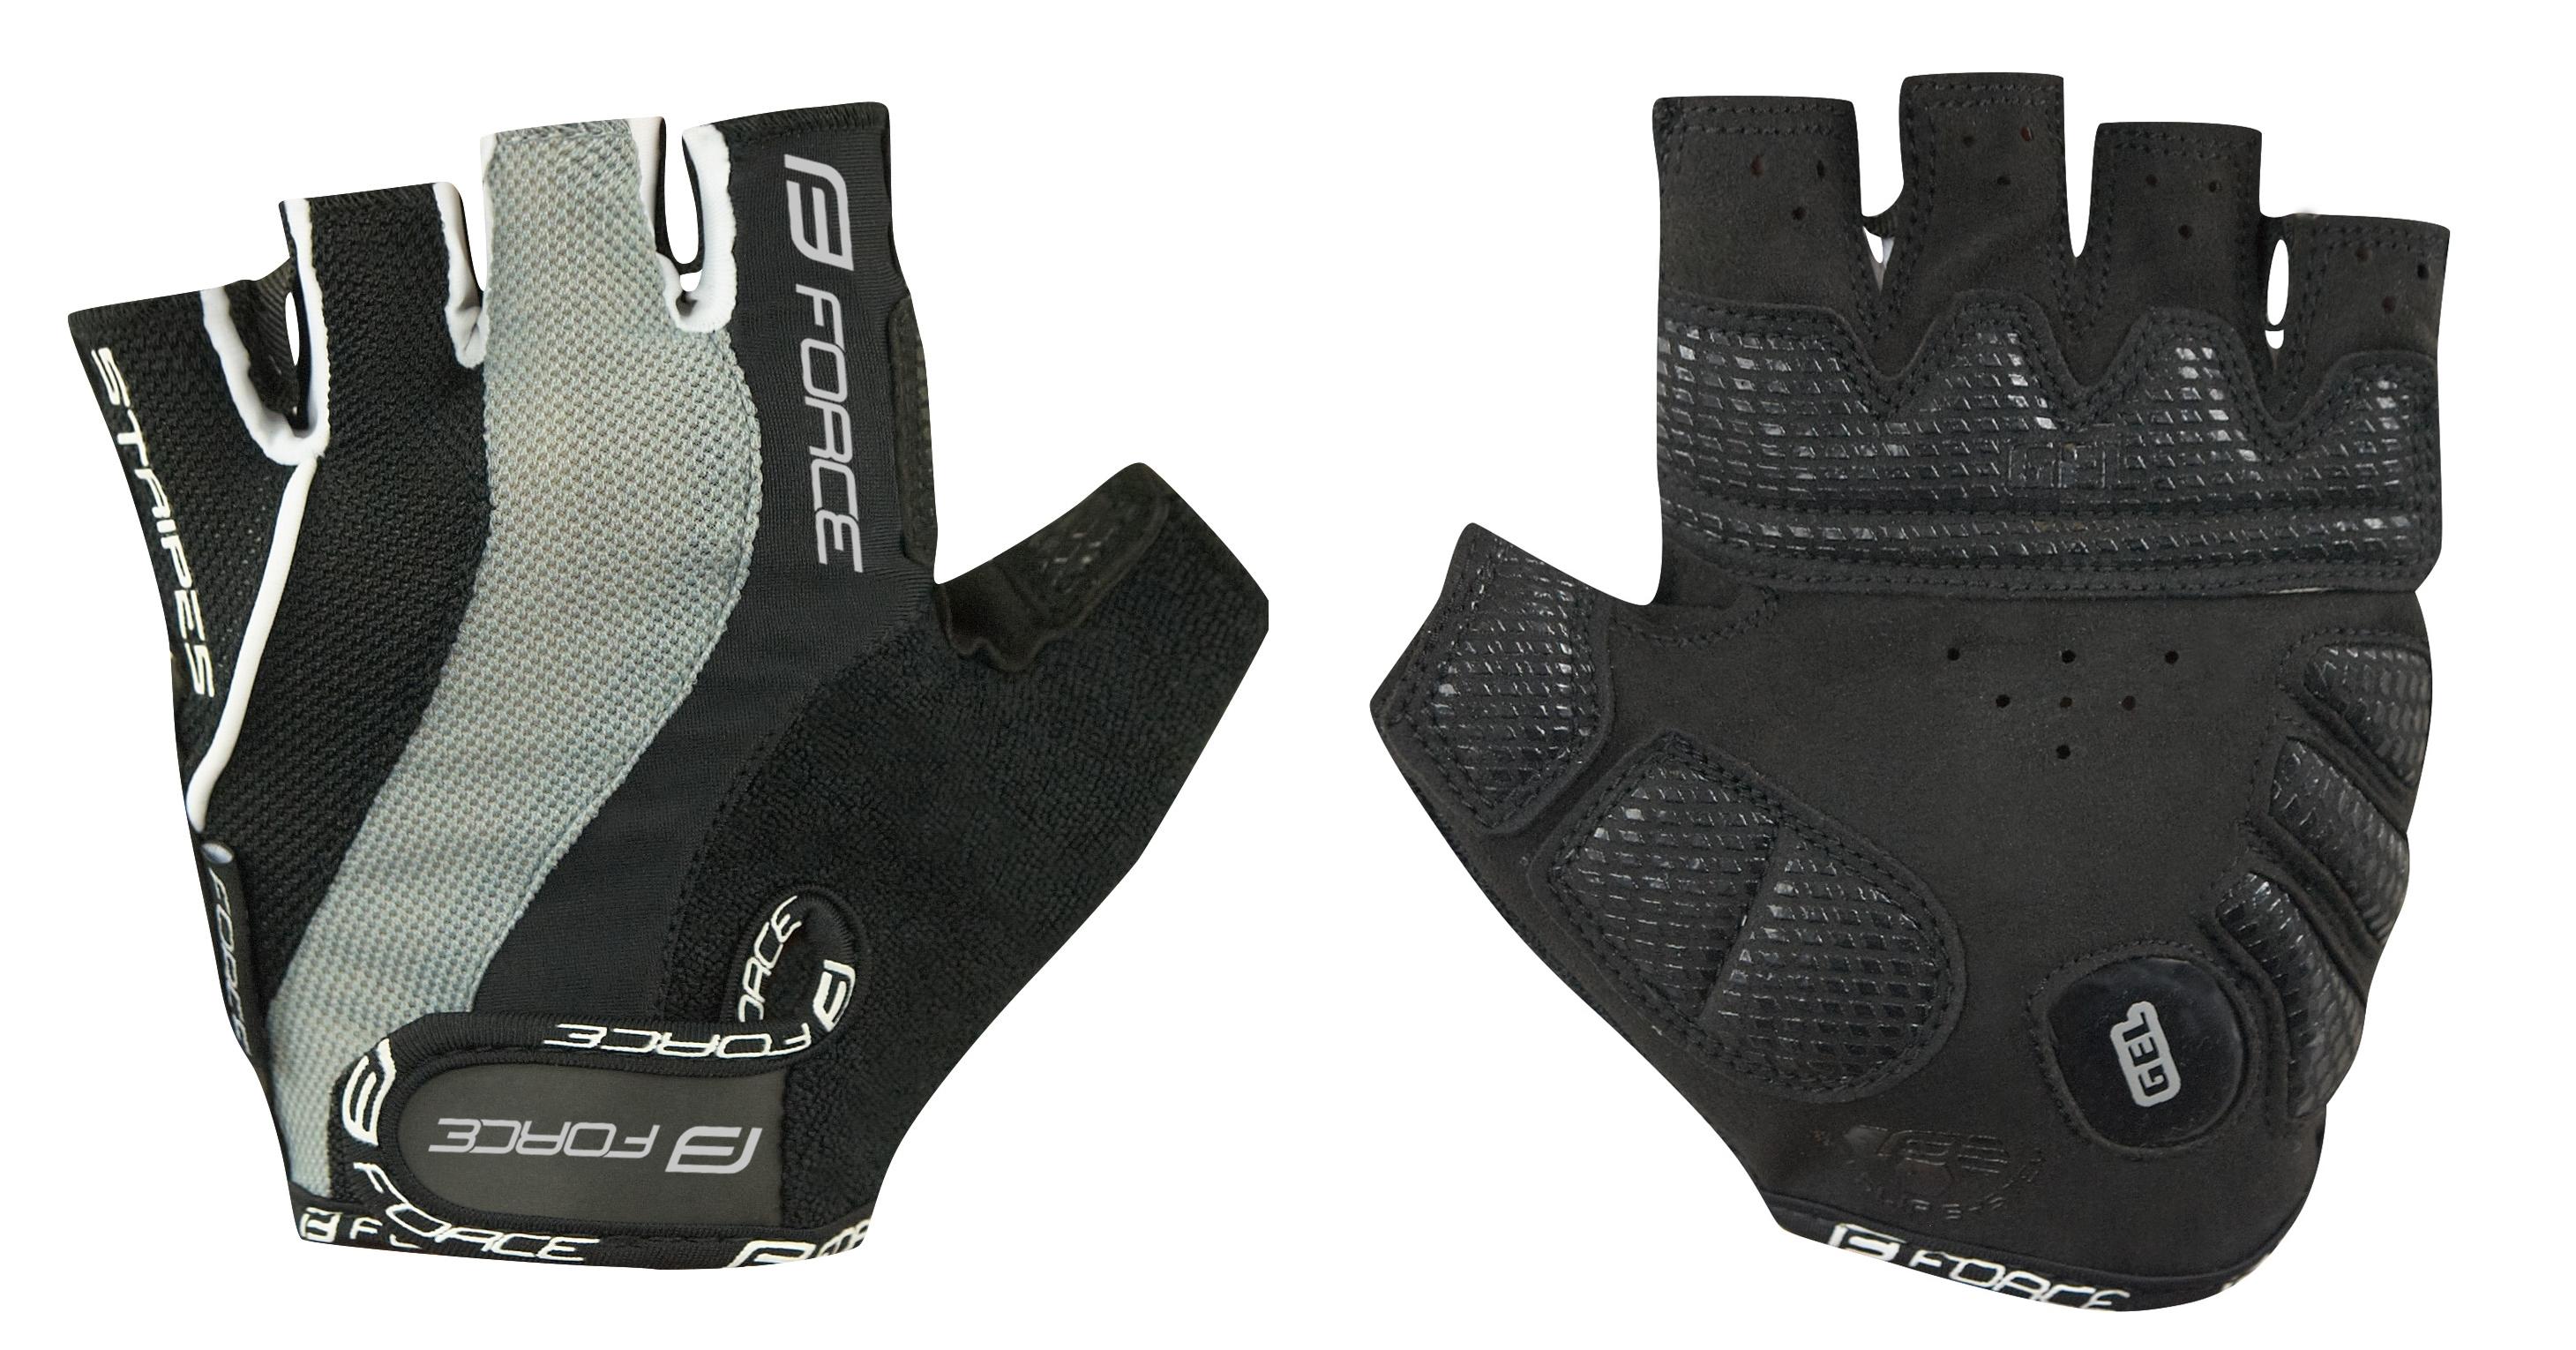 rukavice FORCE STRIPES gel, černé L